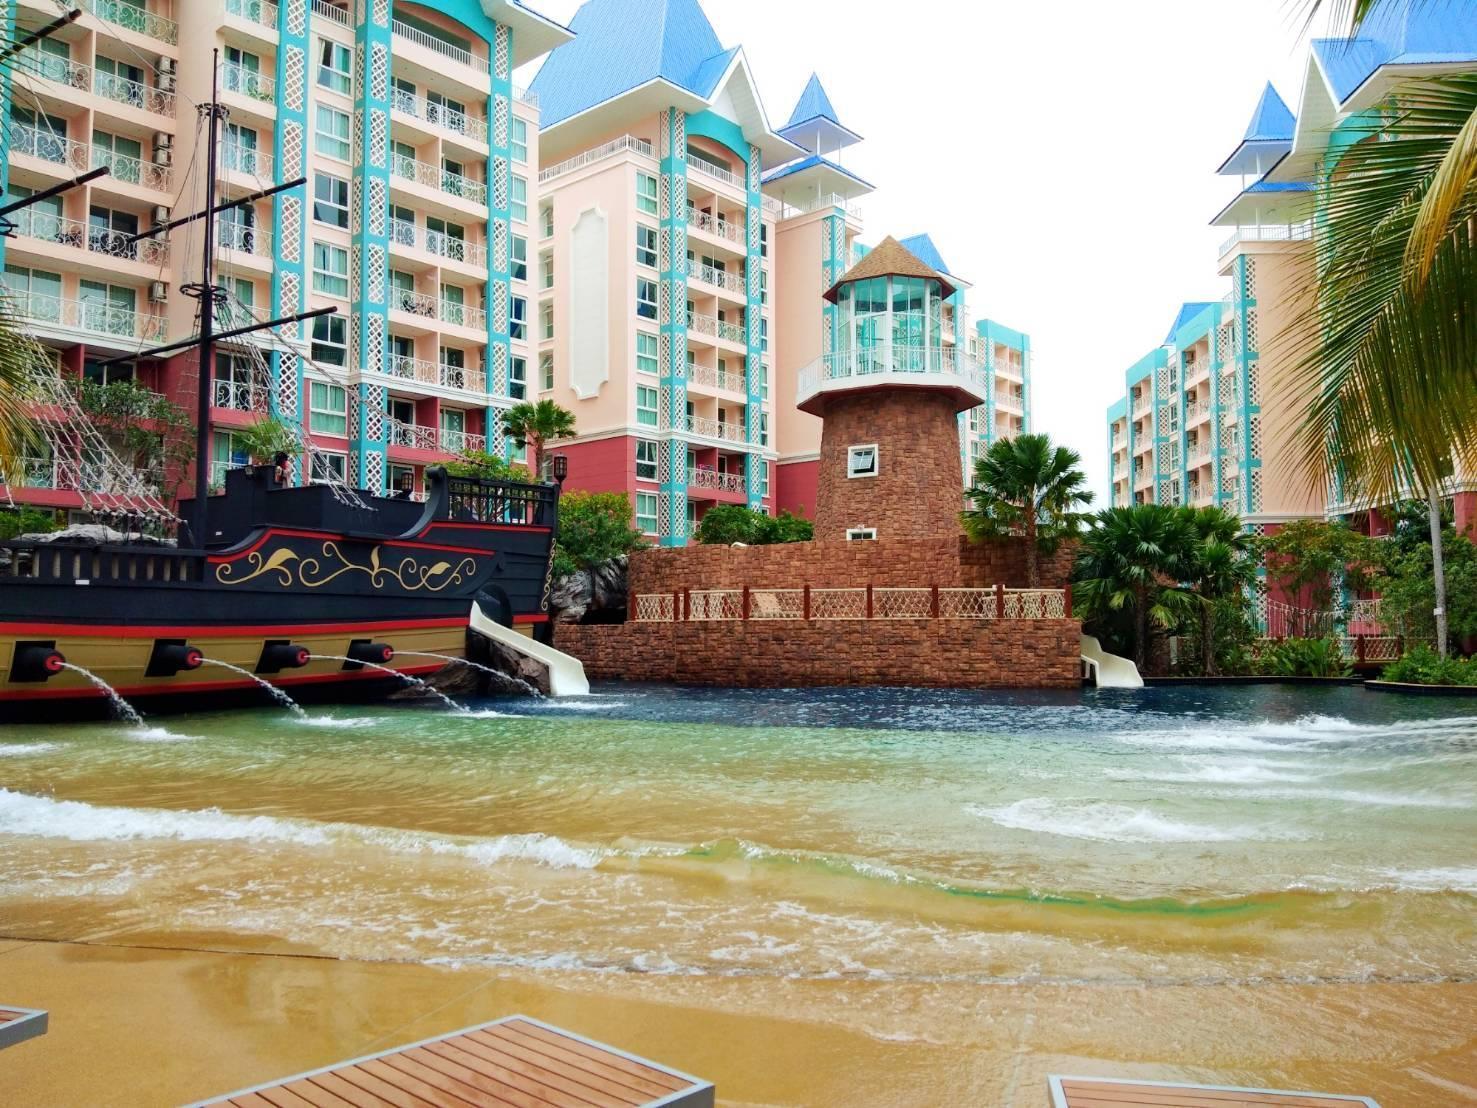 Pattaya Resort&Condo Grand Caribben อพาร์ตเมนต์ 1 ห้องนอน 1 ห้องน้ำส่วนตัว ขนาด 36 ตร.ม. – พัทยากลาง